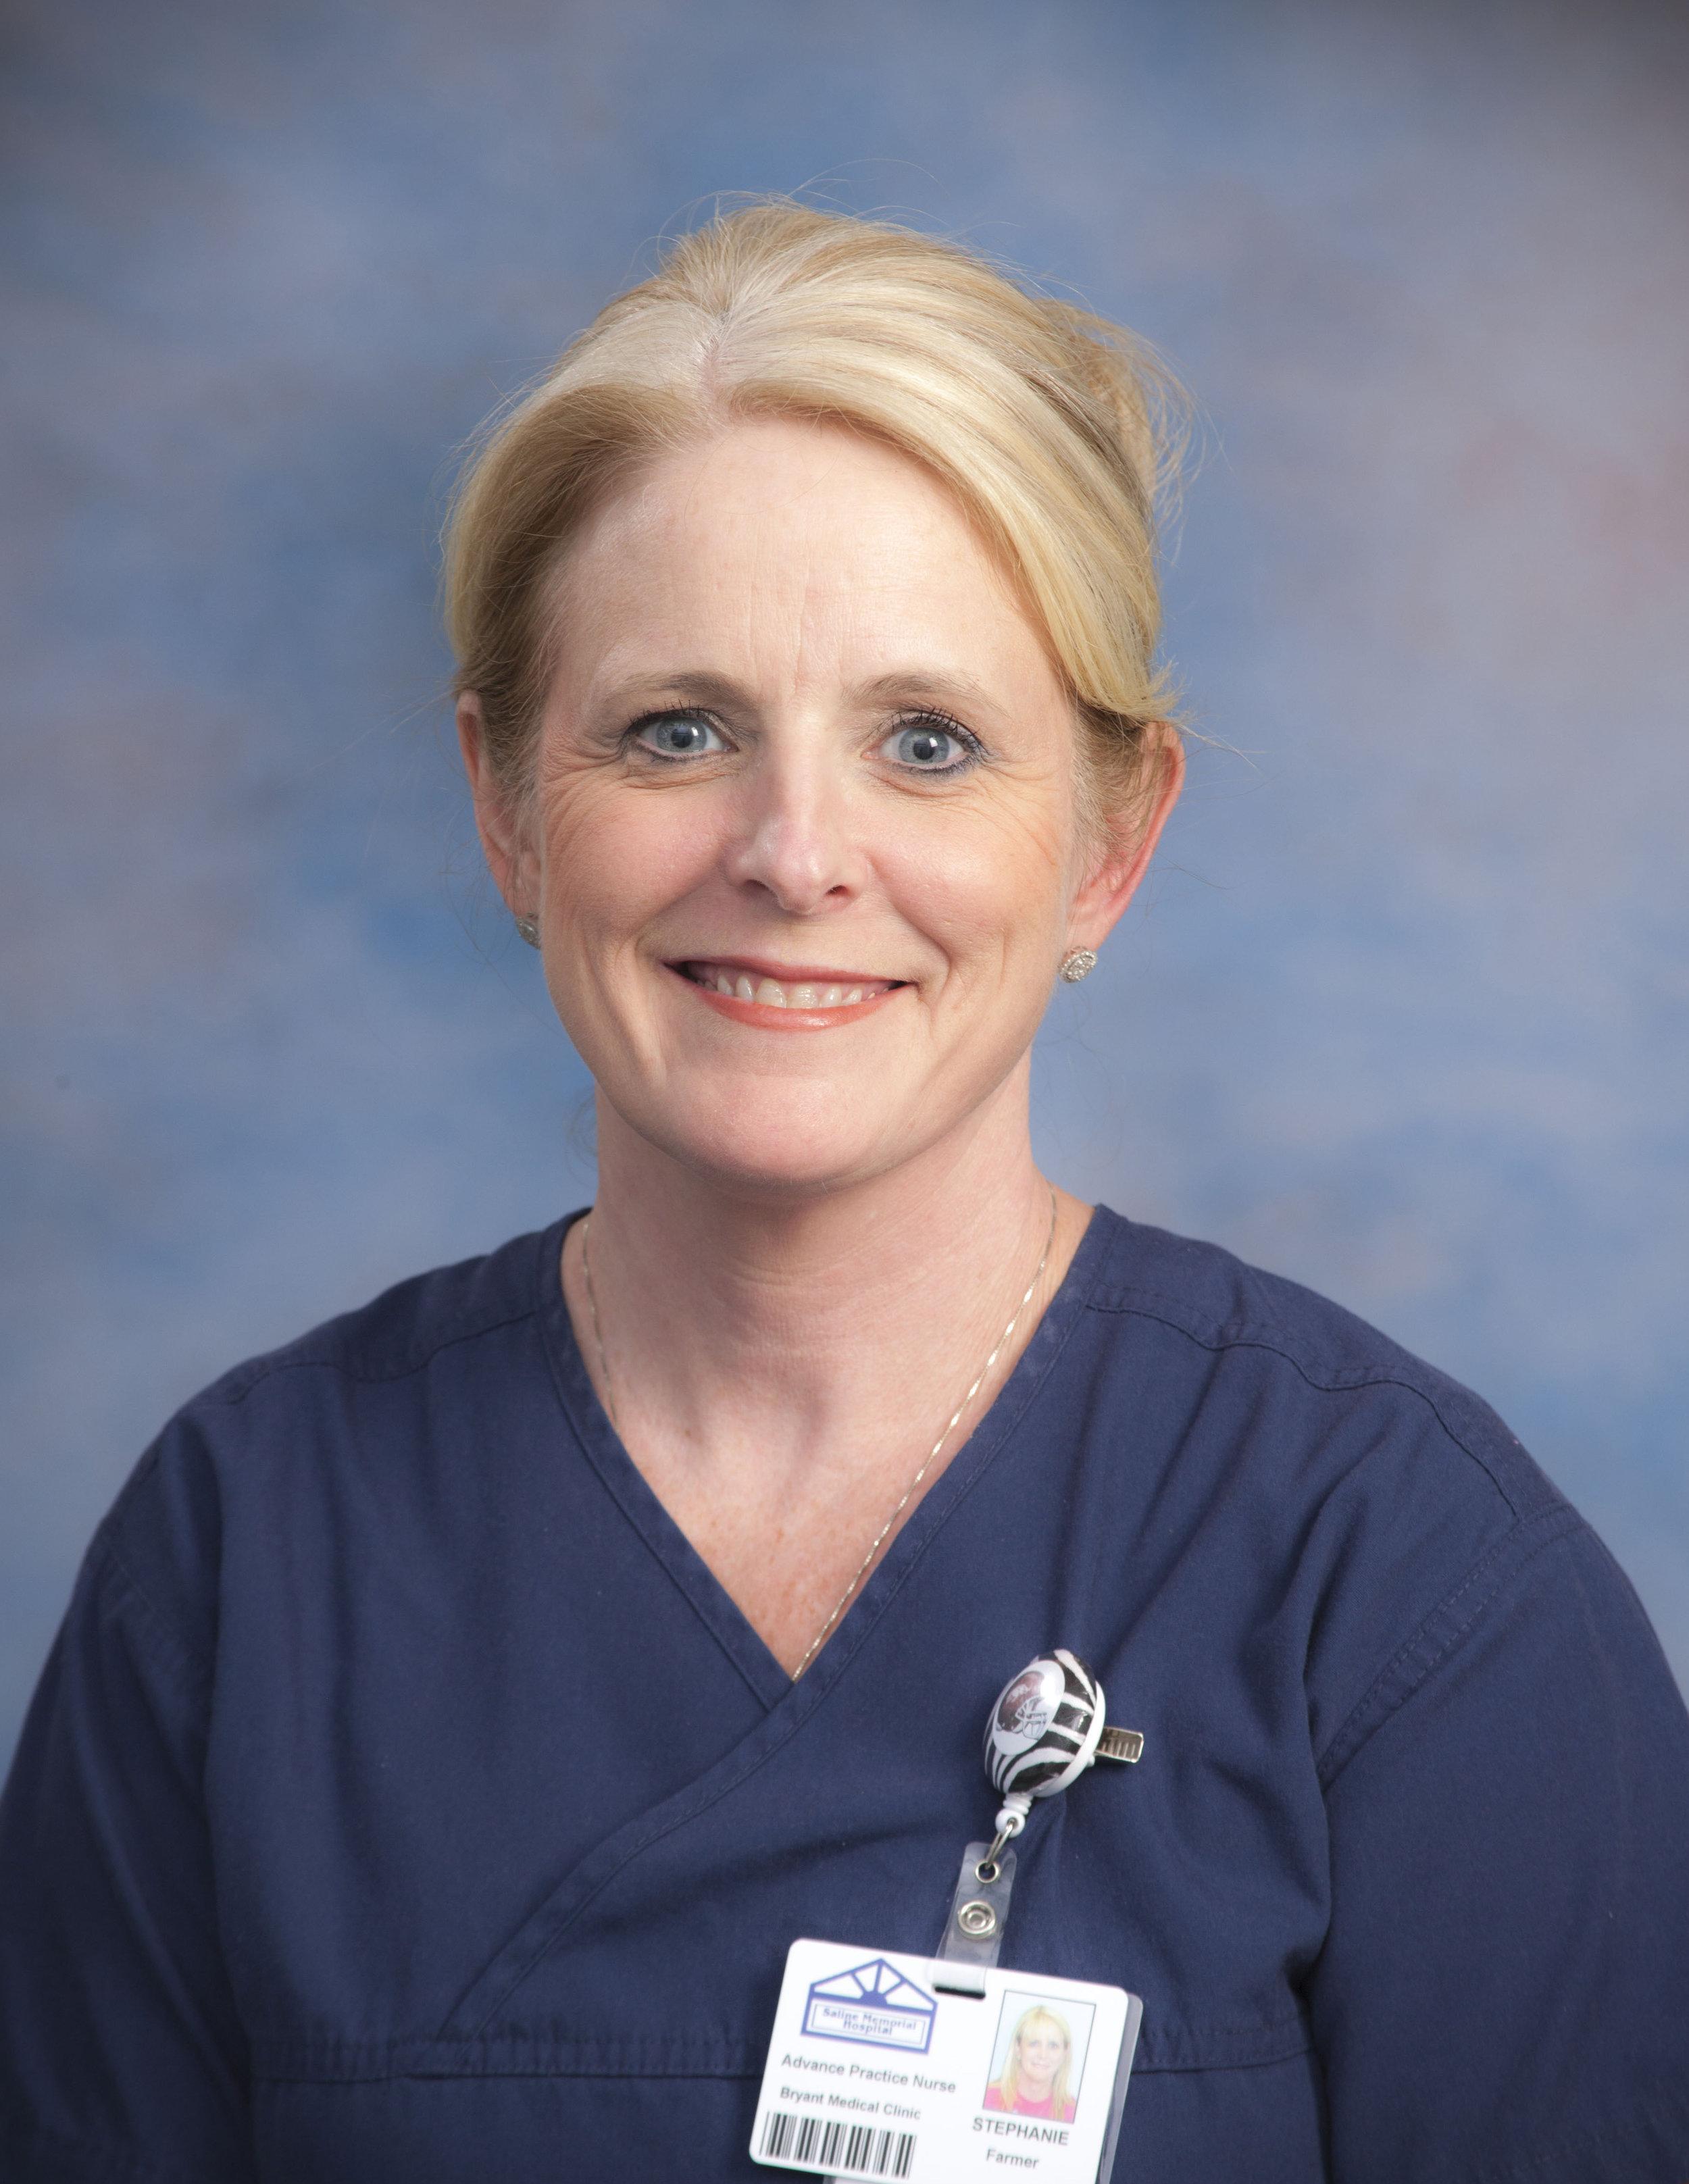 Stephanie Farmer, APN for Afterhouse Clinics.JPG